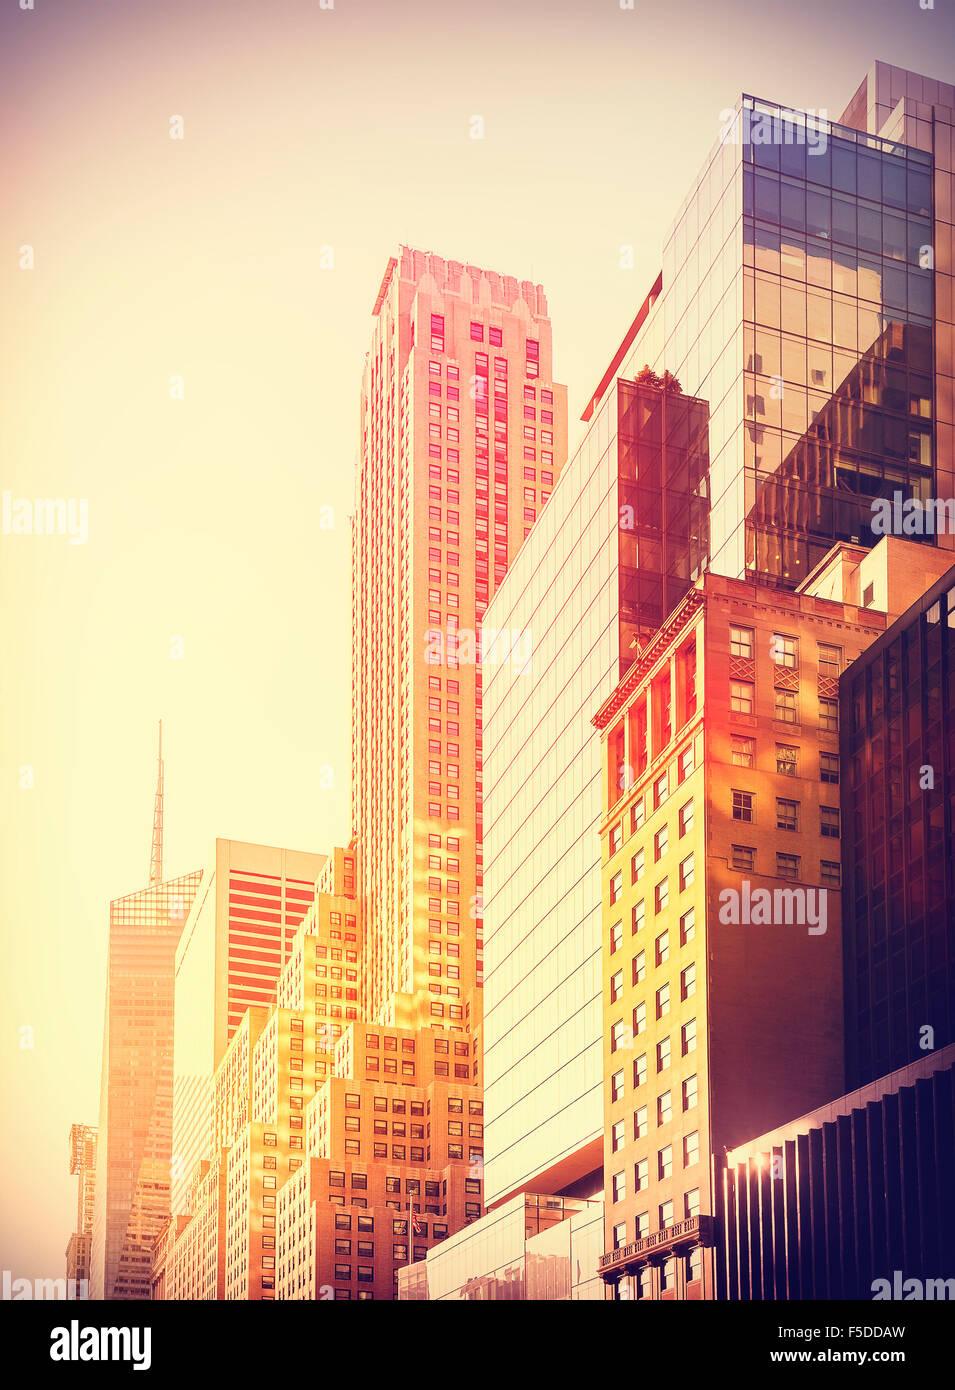 Vintage instagram filtrata foto di grattacieli di Manhattan al tramonto, New York City, Stati Uniti d'America. Immagini Stock